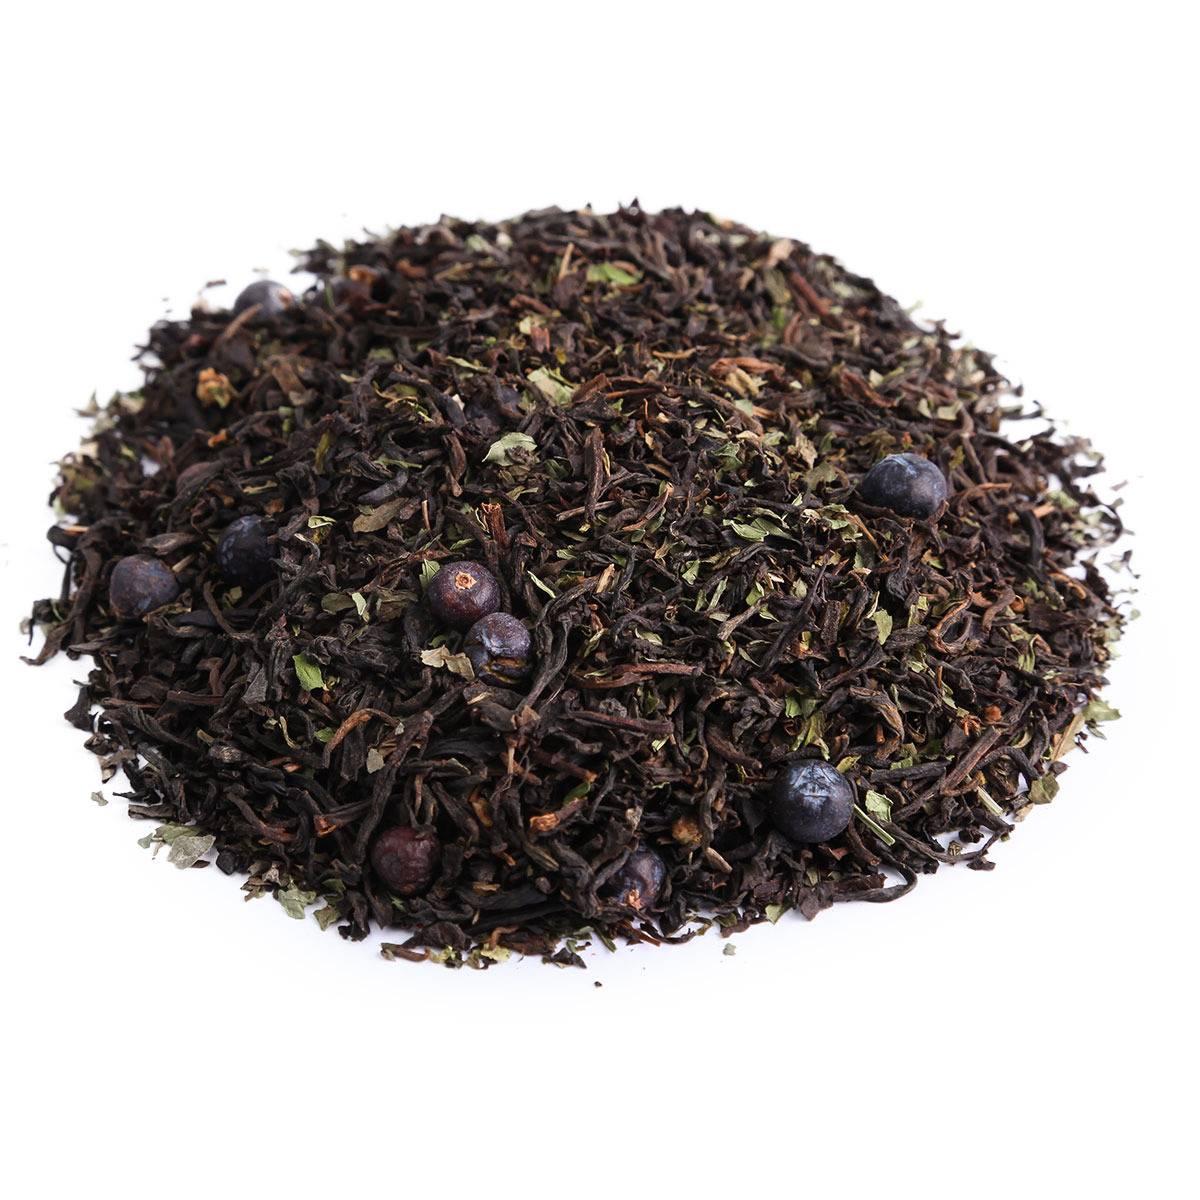 Смола пуэра (ча гао) – шедевр чайного производства